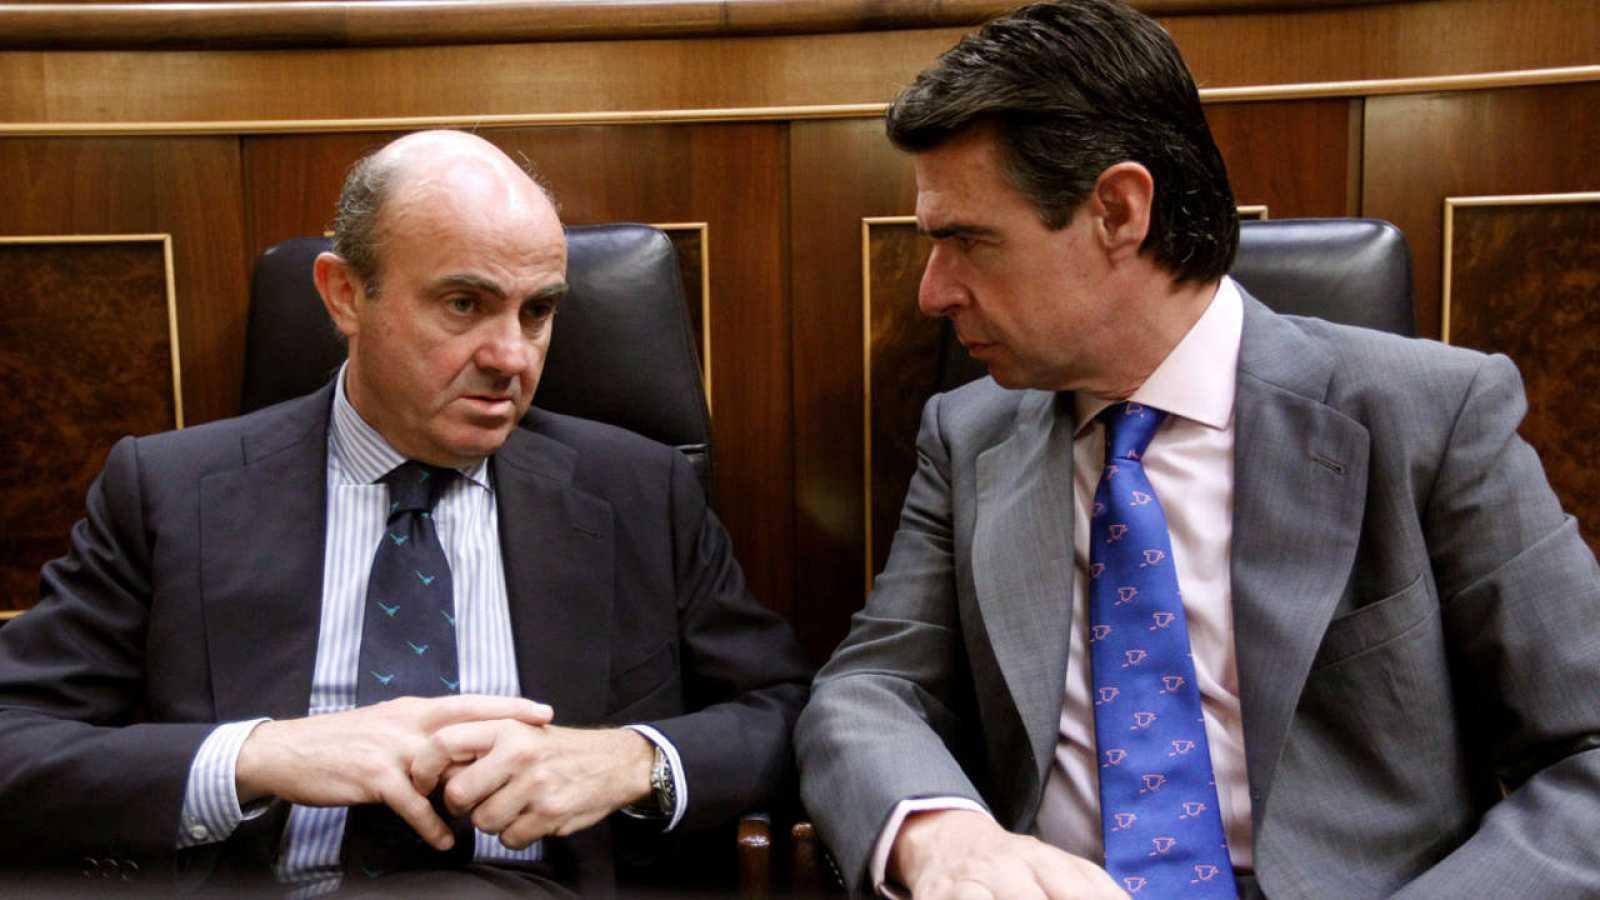 El ministro de Economía, Luis de Guindos, junto al exministro de Industria, José Manuel Soria, en el Congreso